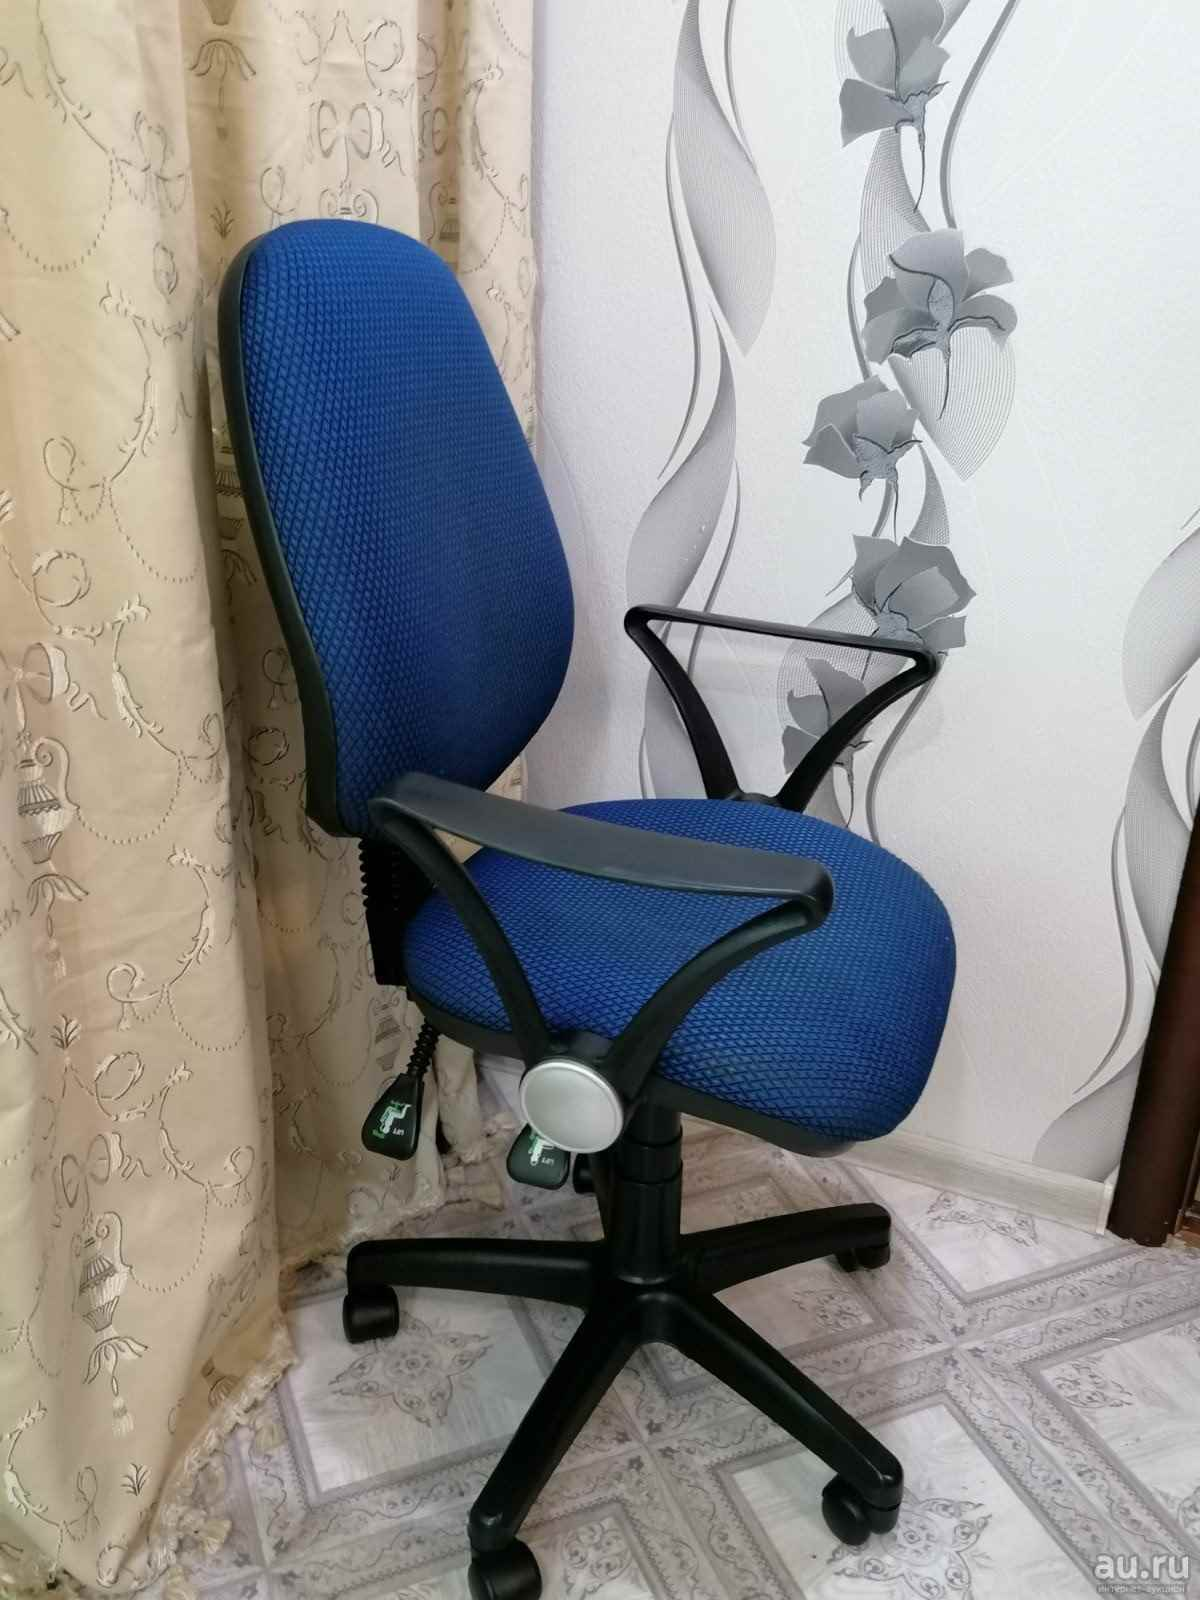 Красивое компьютерное кресло фото, картинки 02